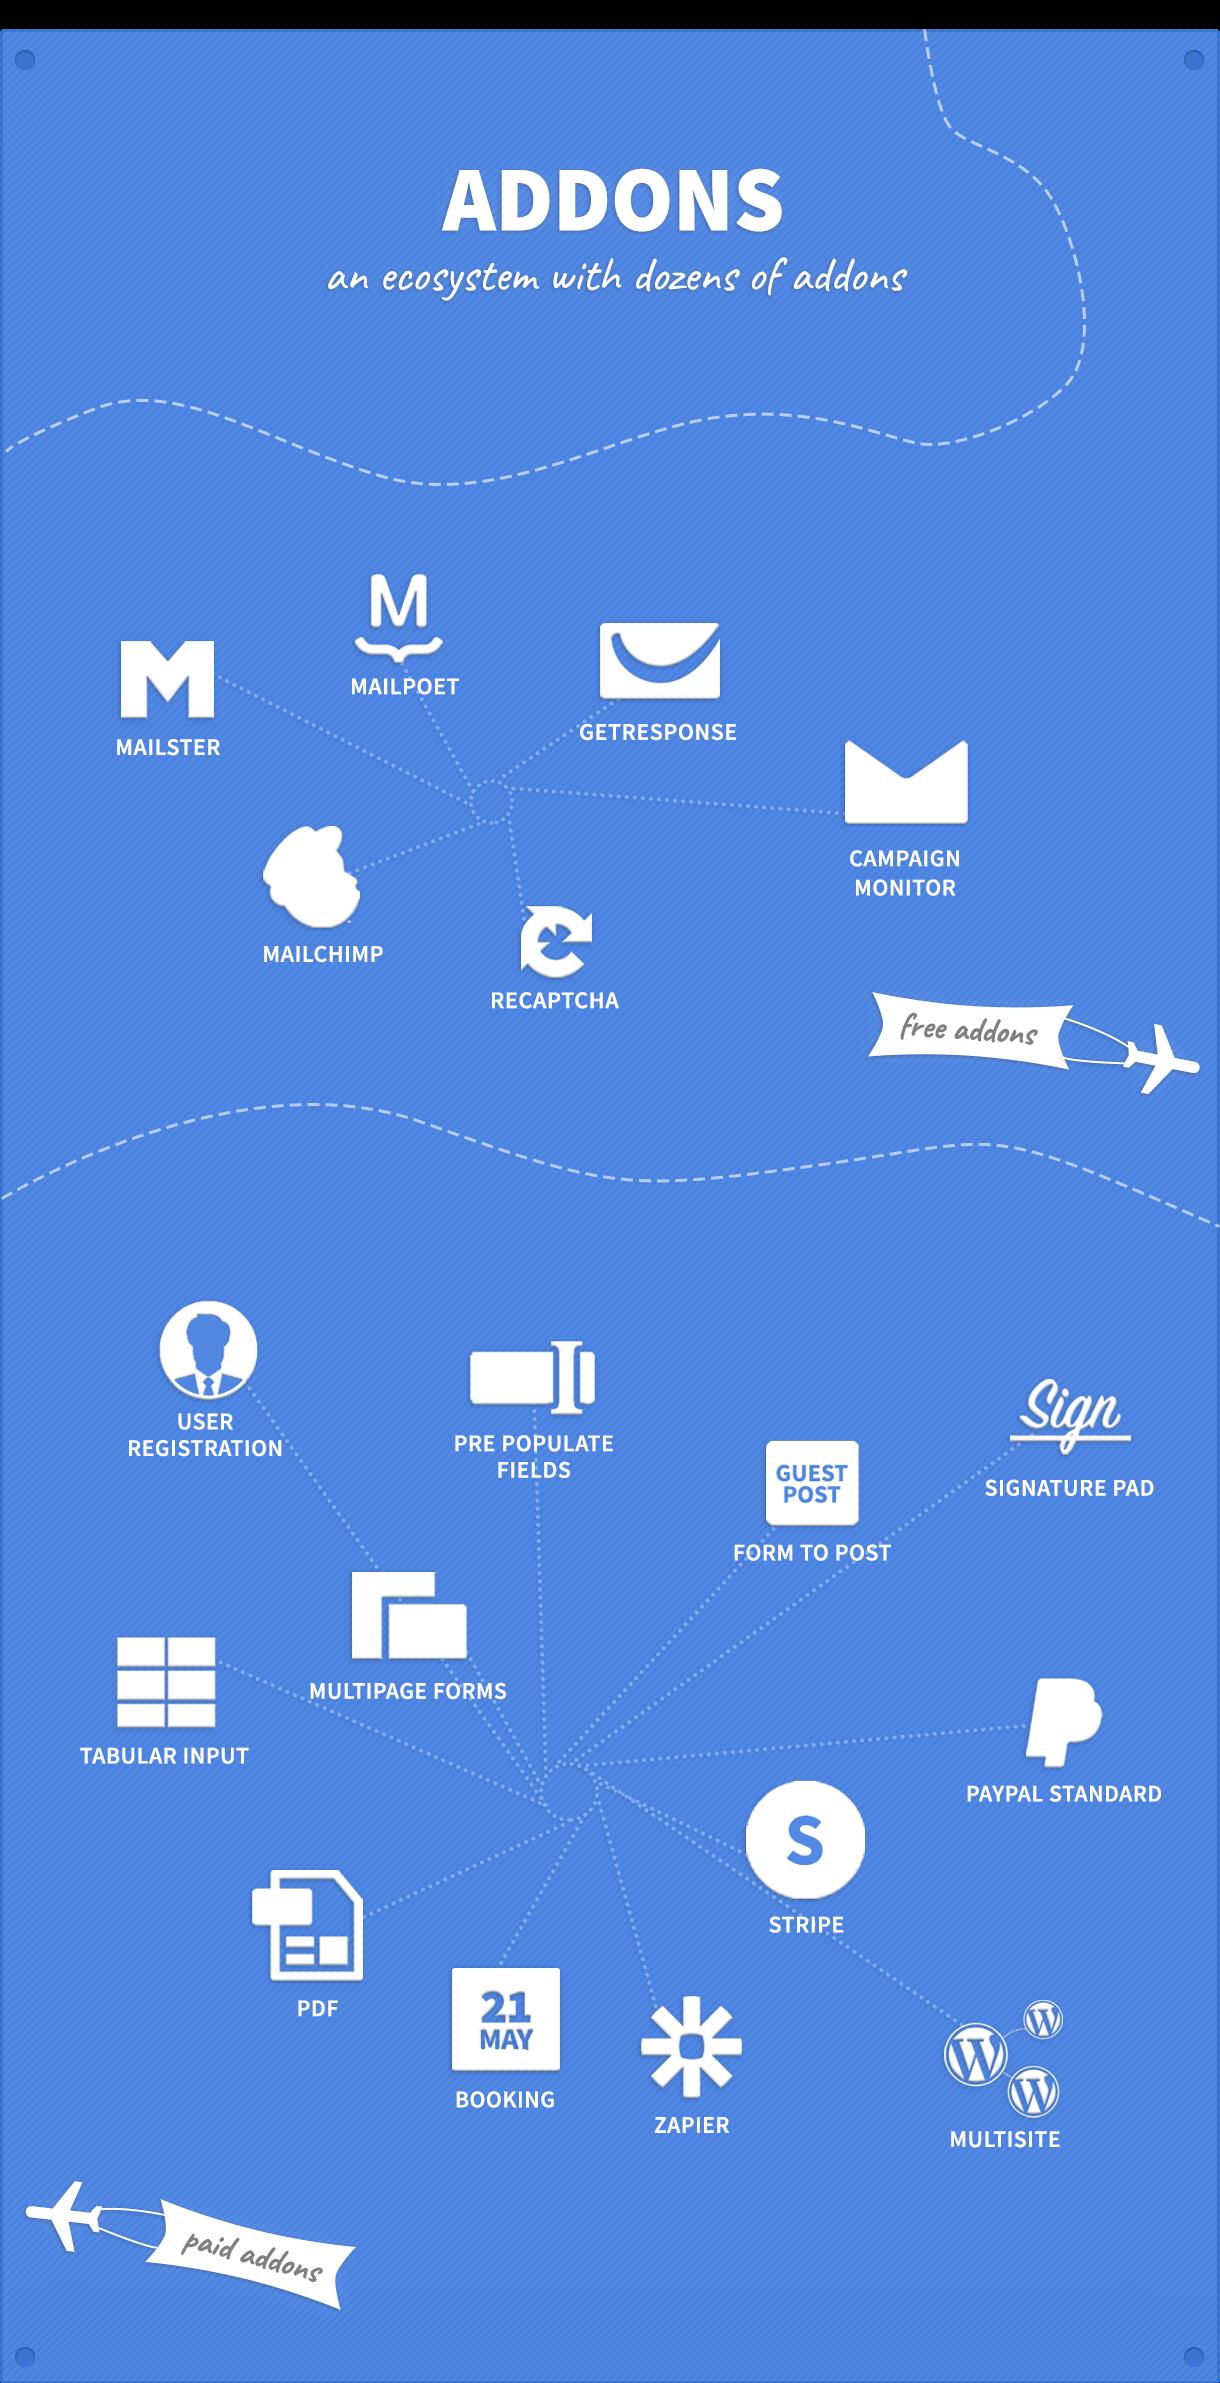 FormCraft - Premium WordPress Form Builder - 5